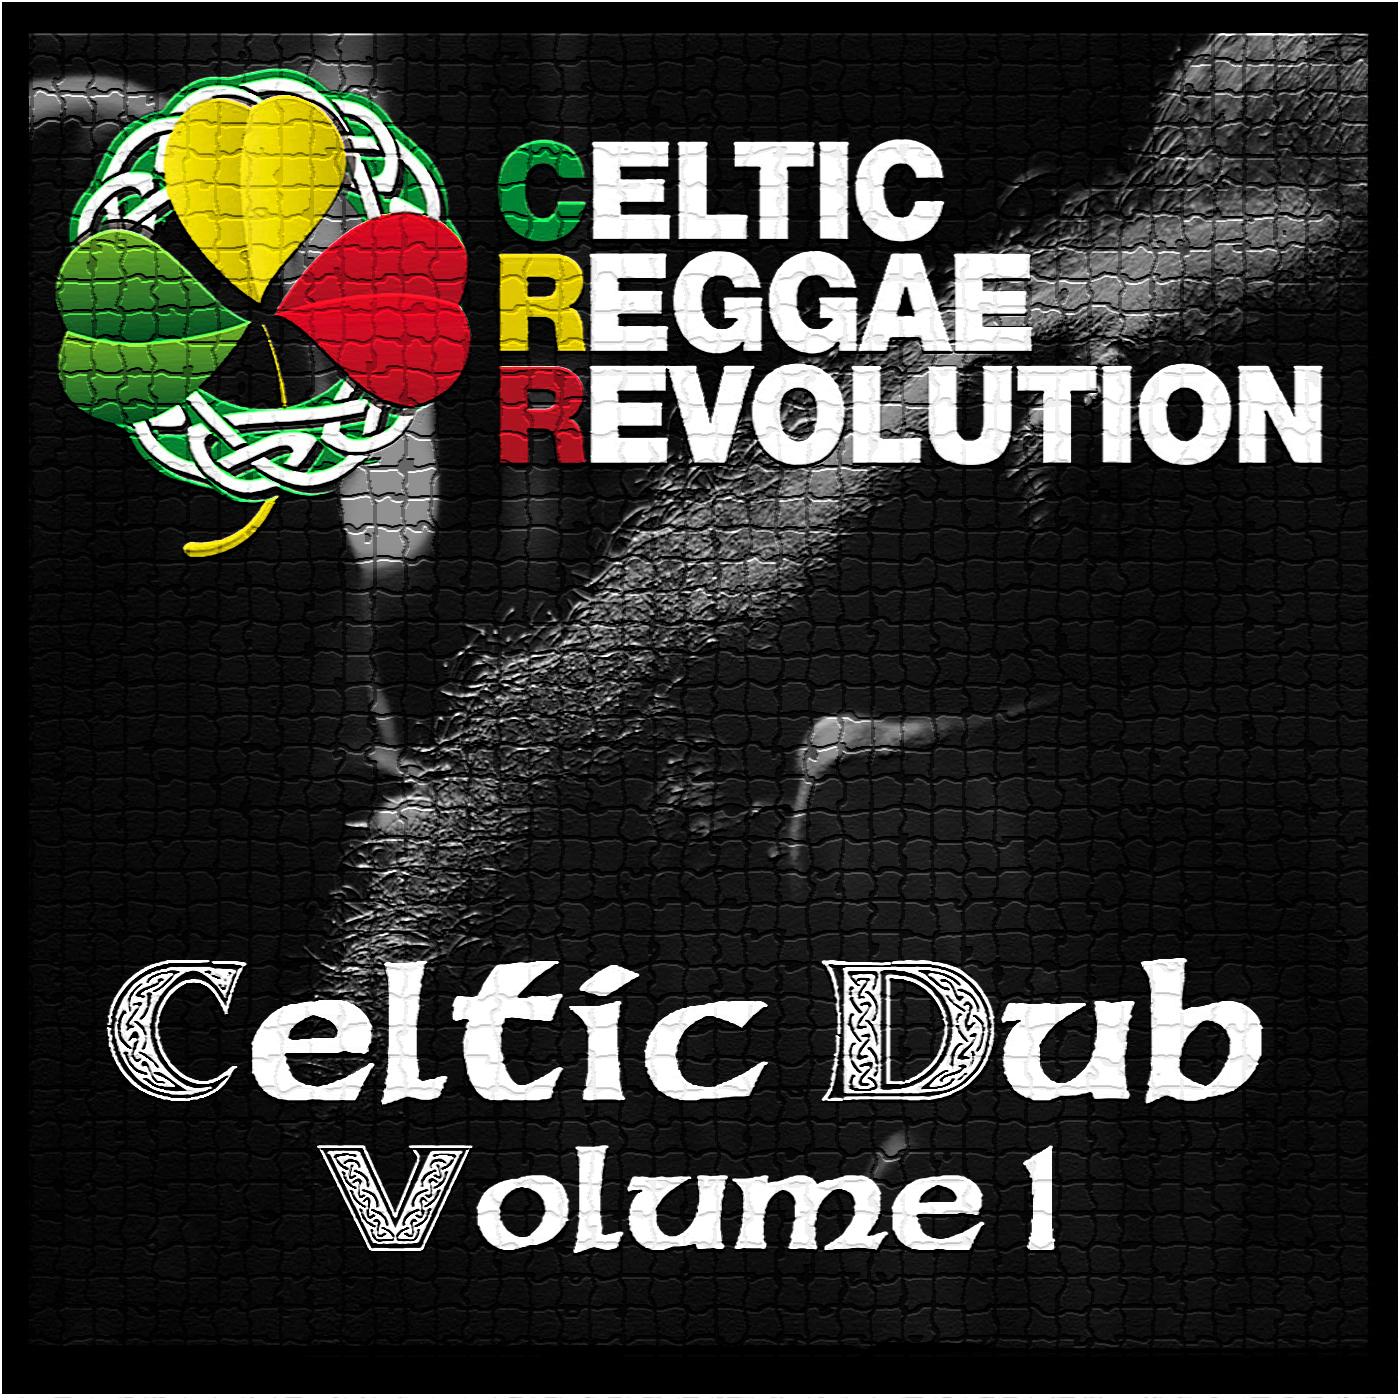 The Celtic Reggae Revolution